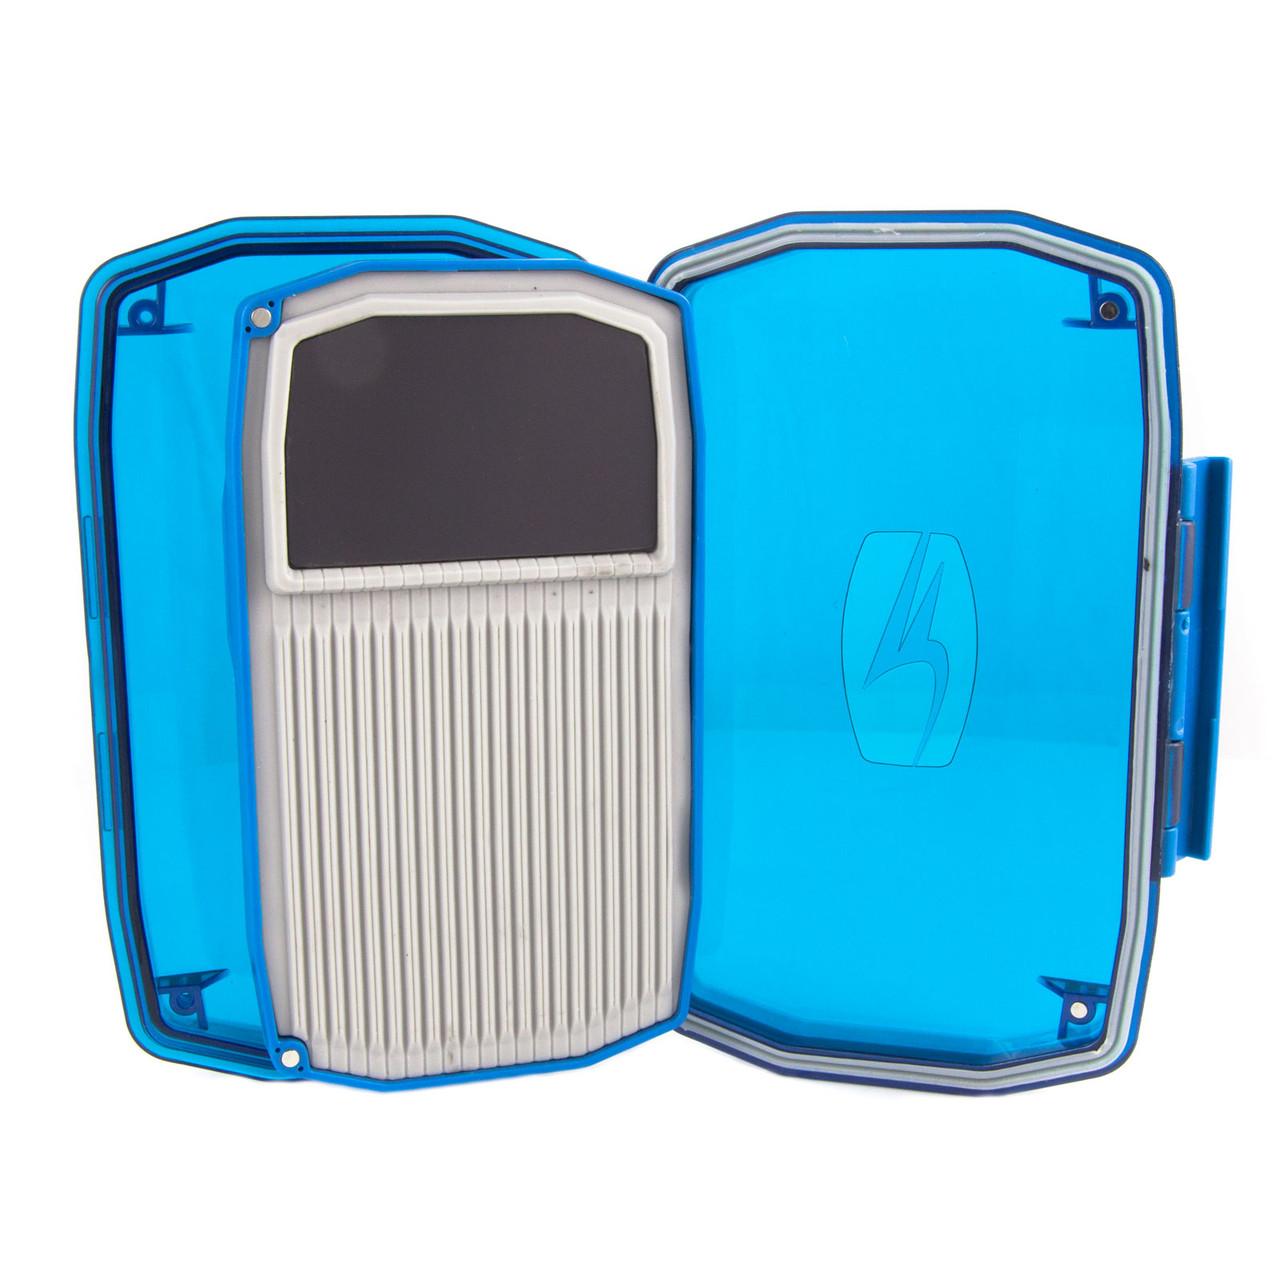 Umpqua UPG HD Magnum Midge Premium Fly Box